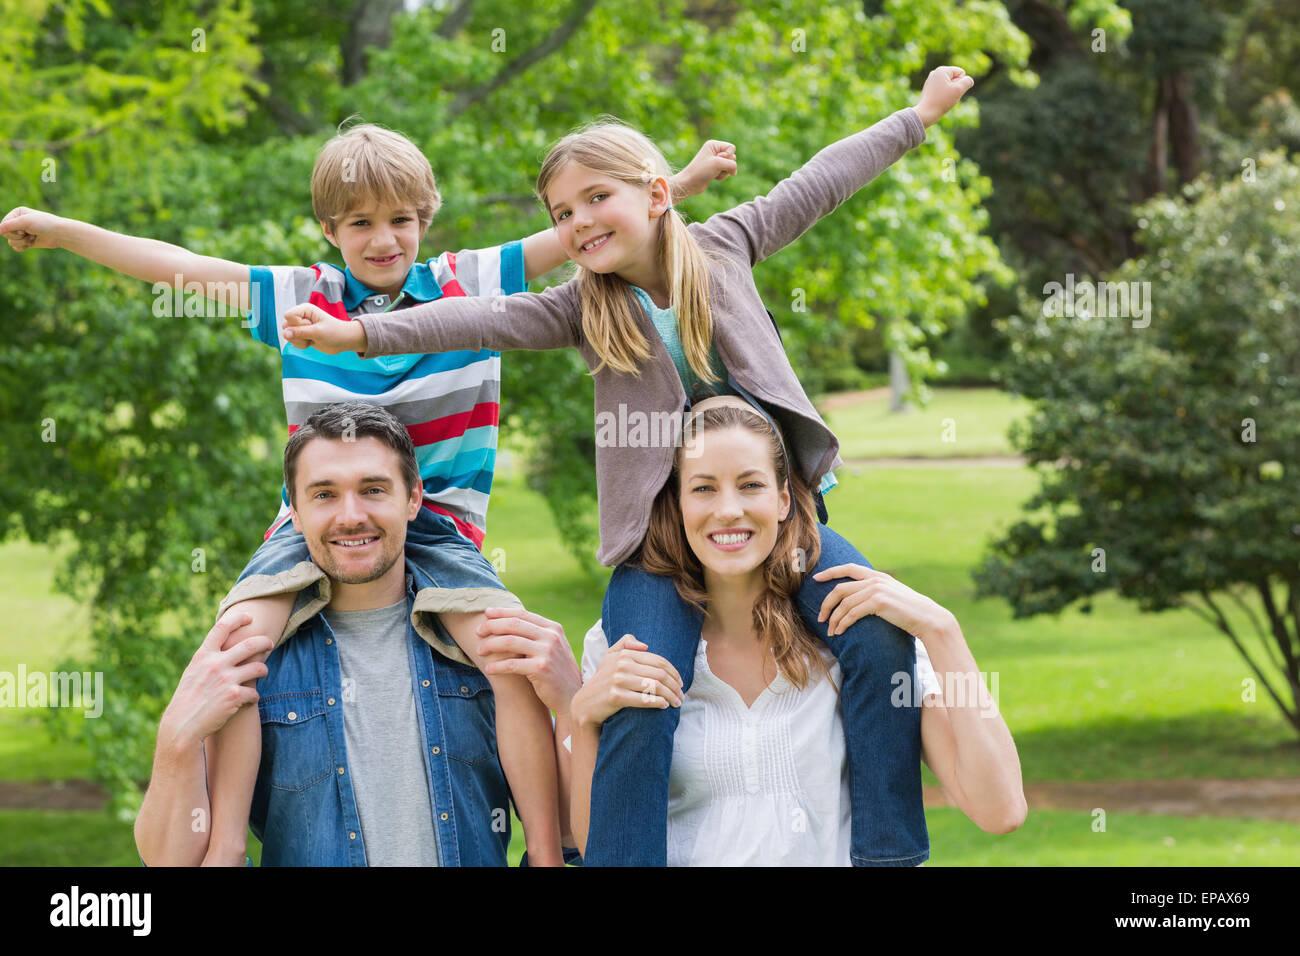 Genitori felici che trasportano i bambini sulle spalle in posizione di parcheggio Immagini Stock